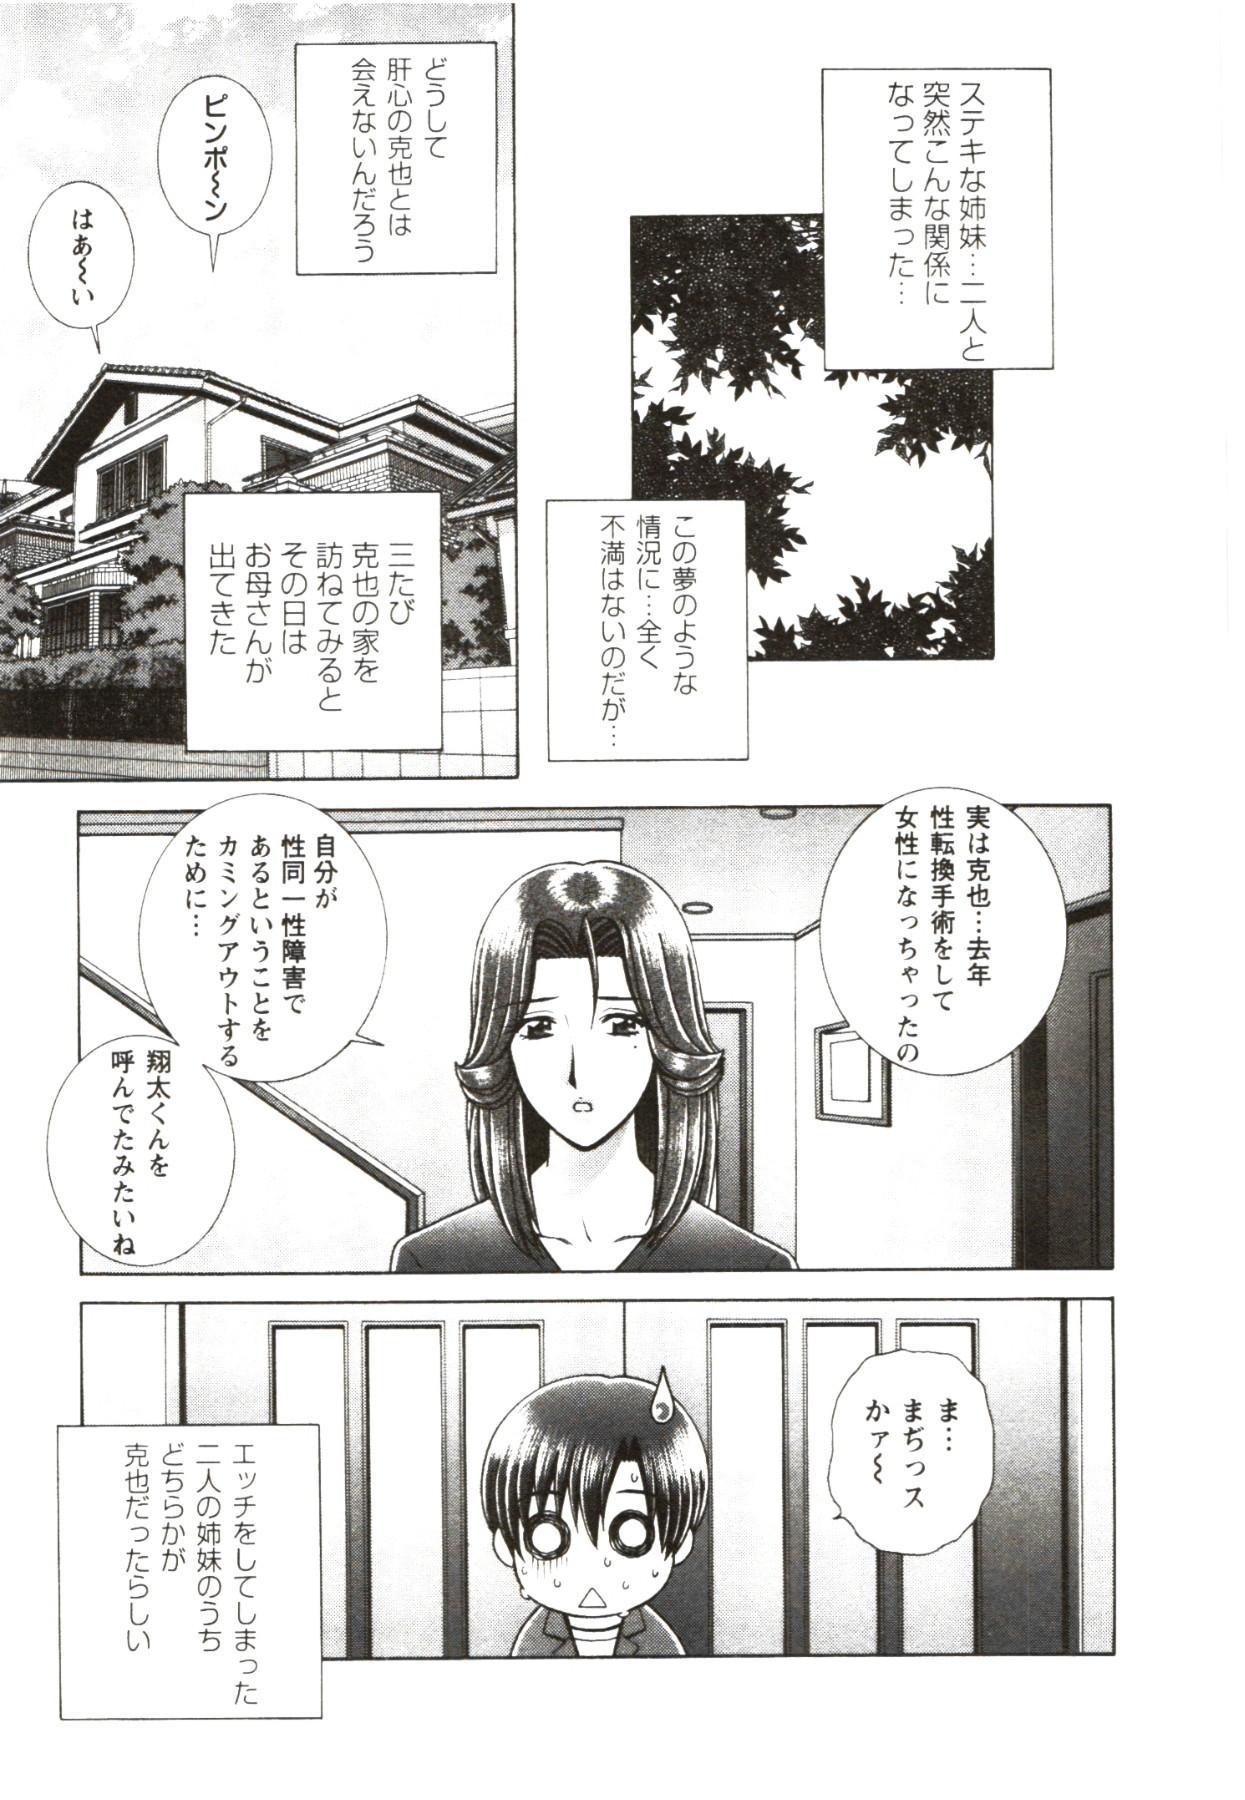 Futarigurashi 130